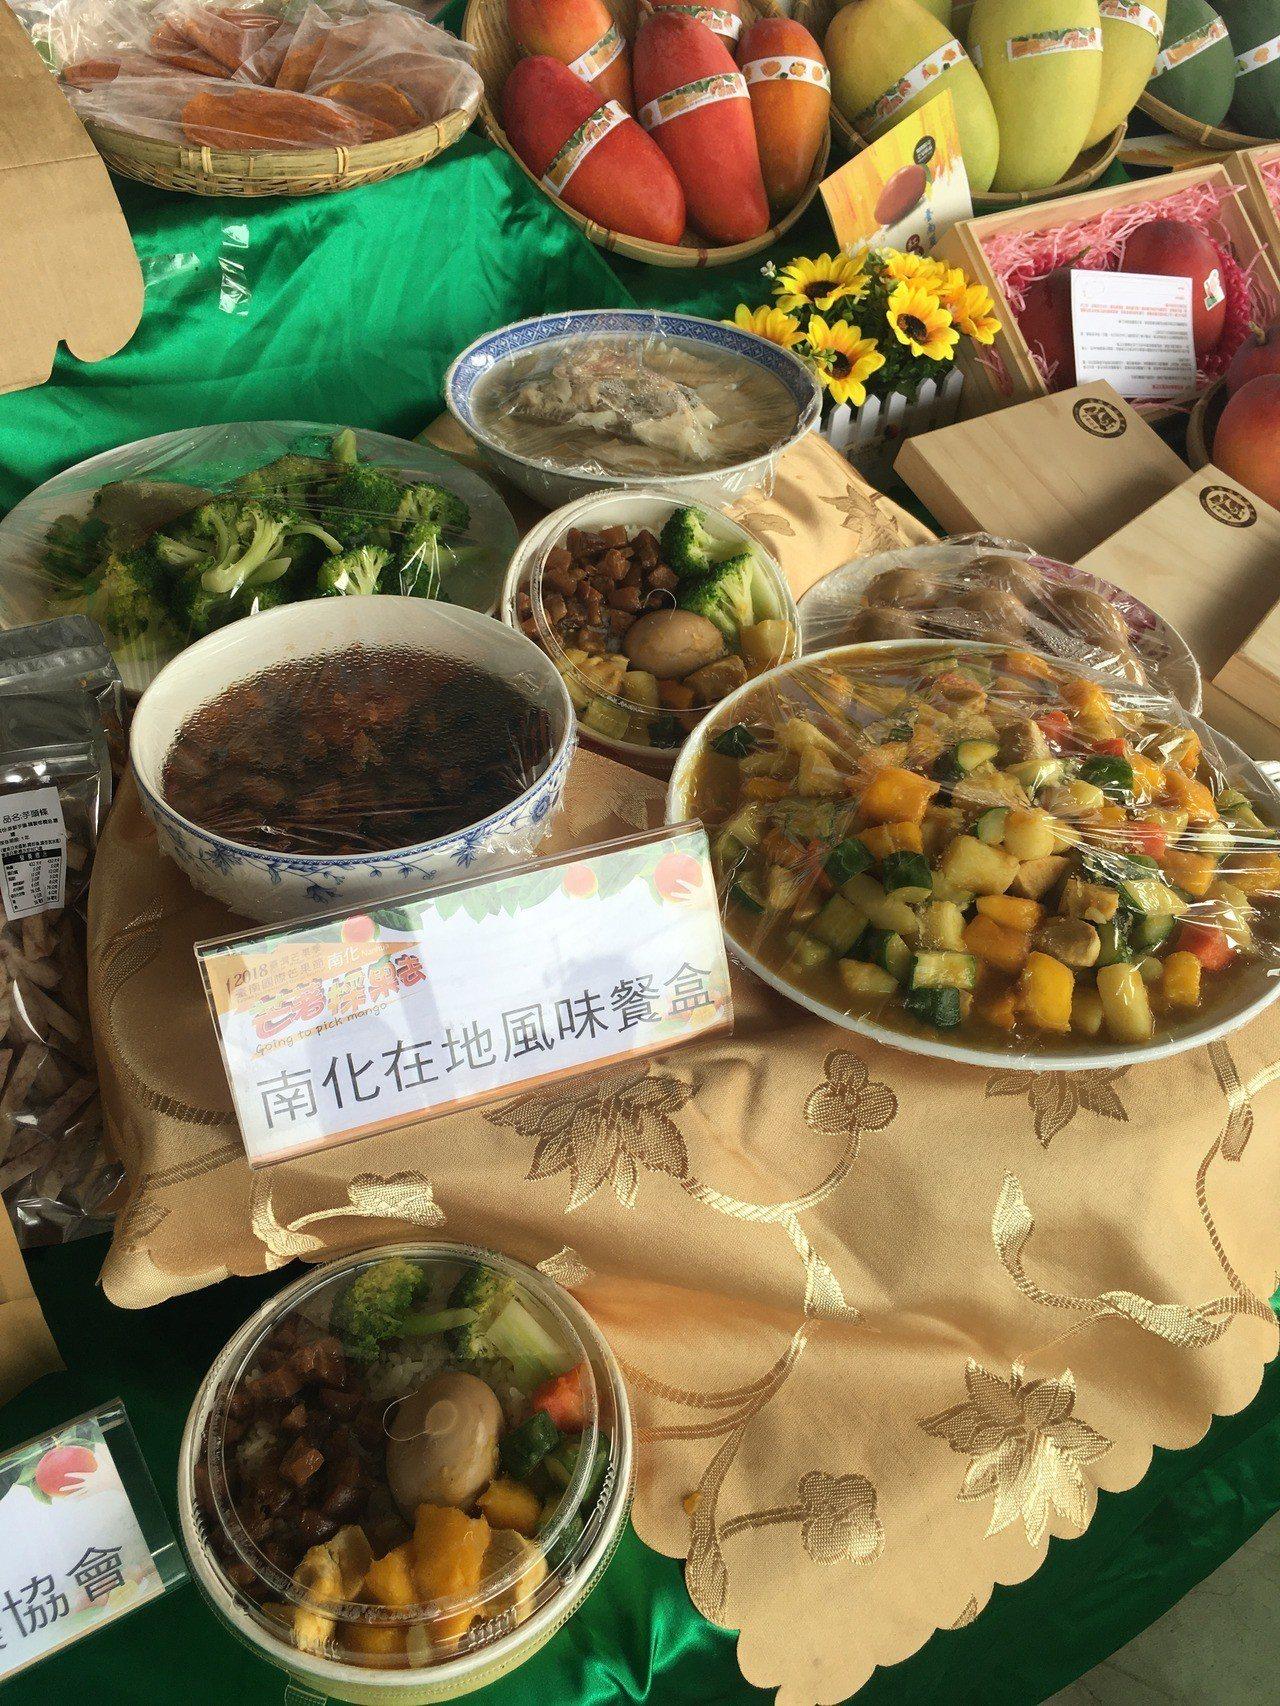 台南國際芒果節南化場推出「芒著採果趣」,結合社區風味美食。記者吳淑玲/攝影